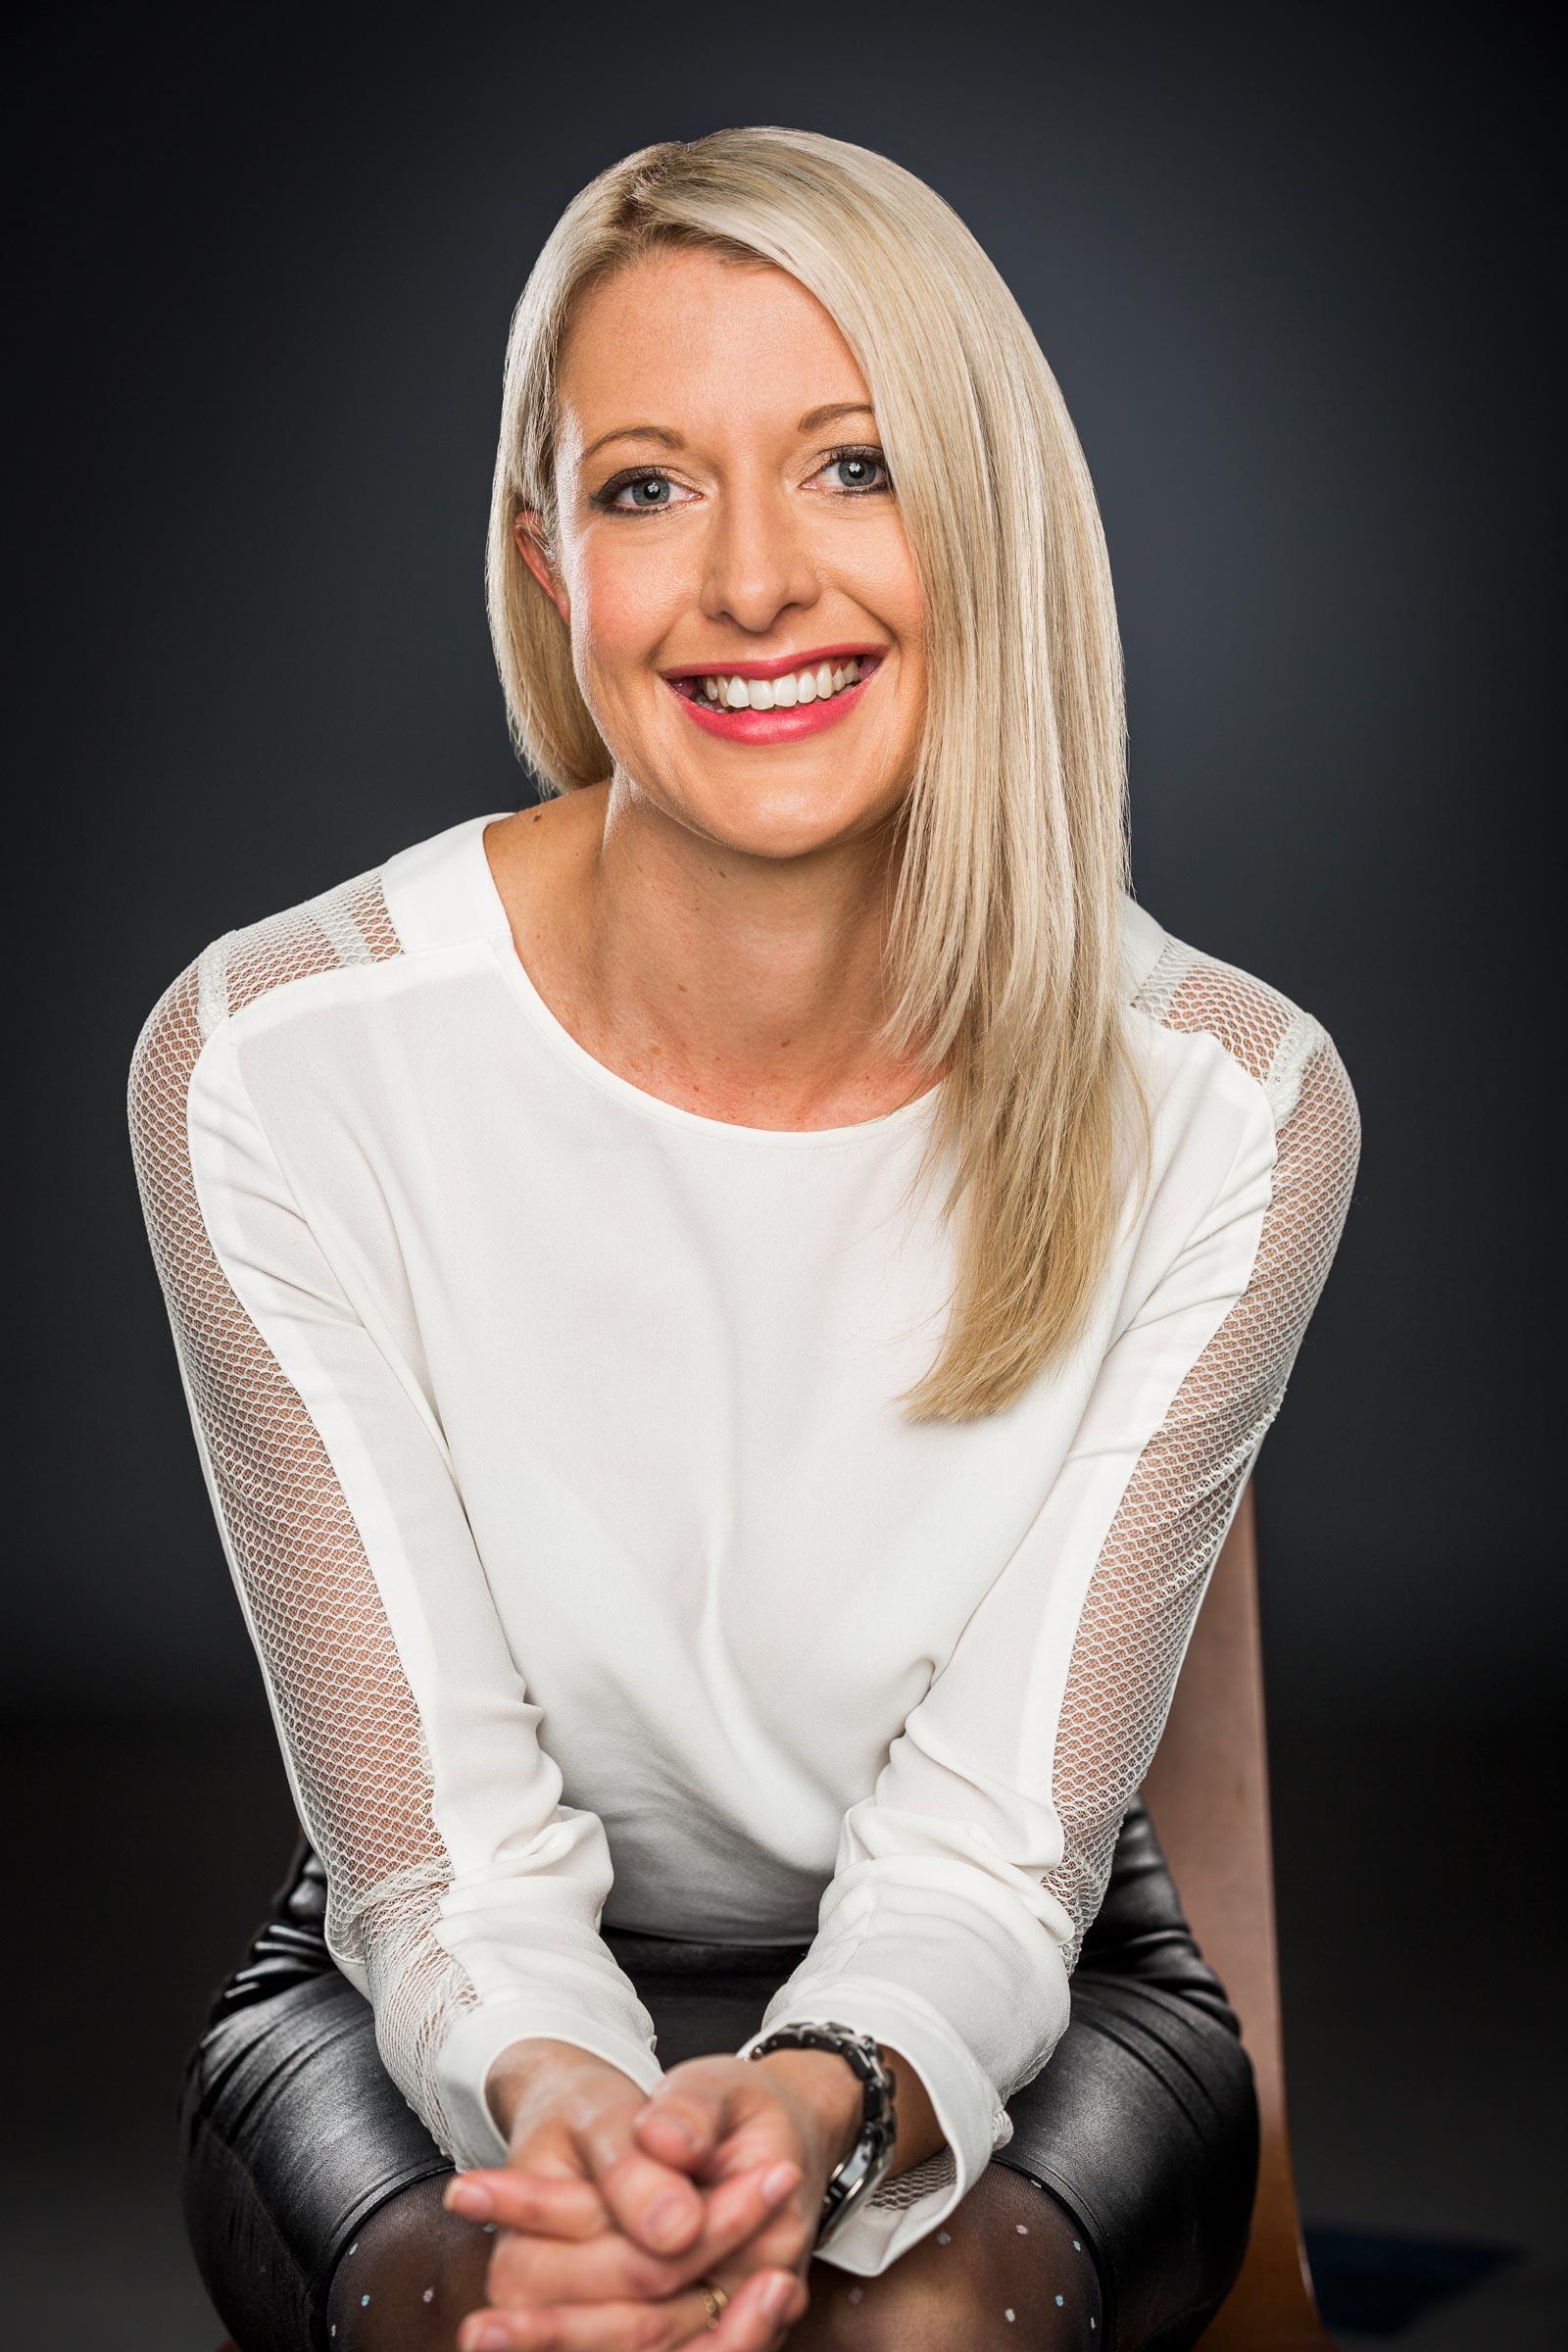 blonde female smiling in studio portrait